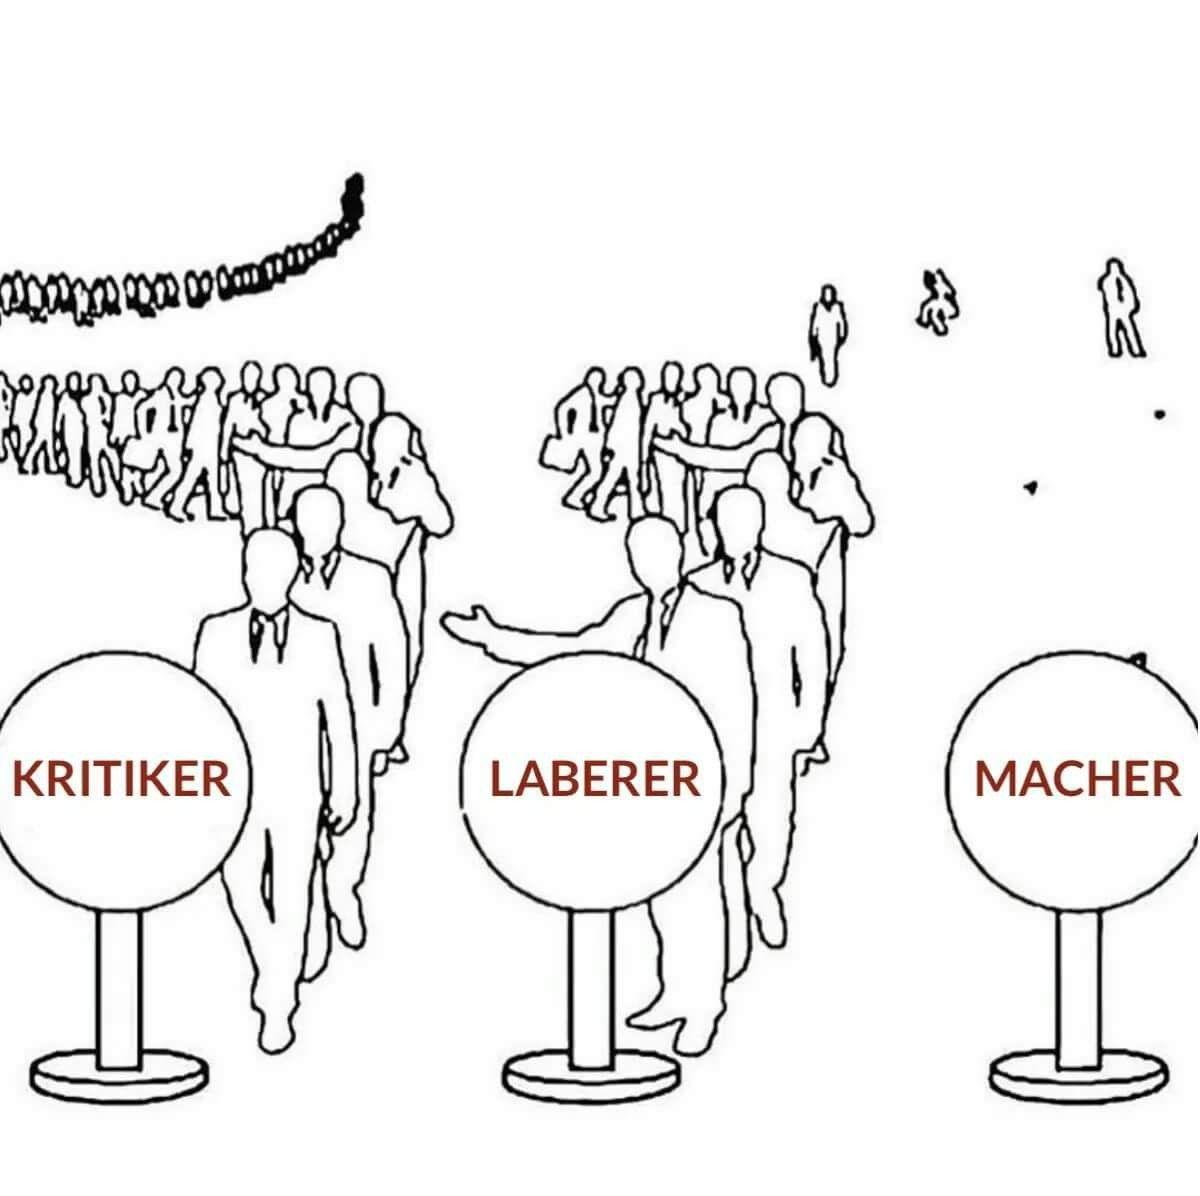 Pin Von Danieli Excelsior Auf Sozialkritik Lustige Humor Bilder